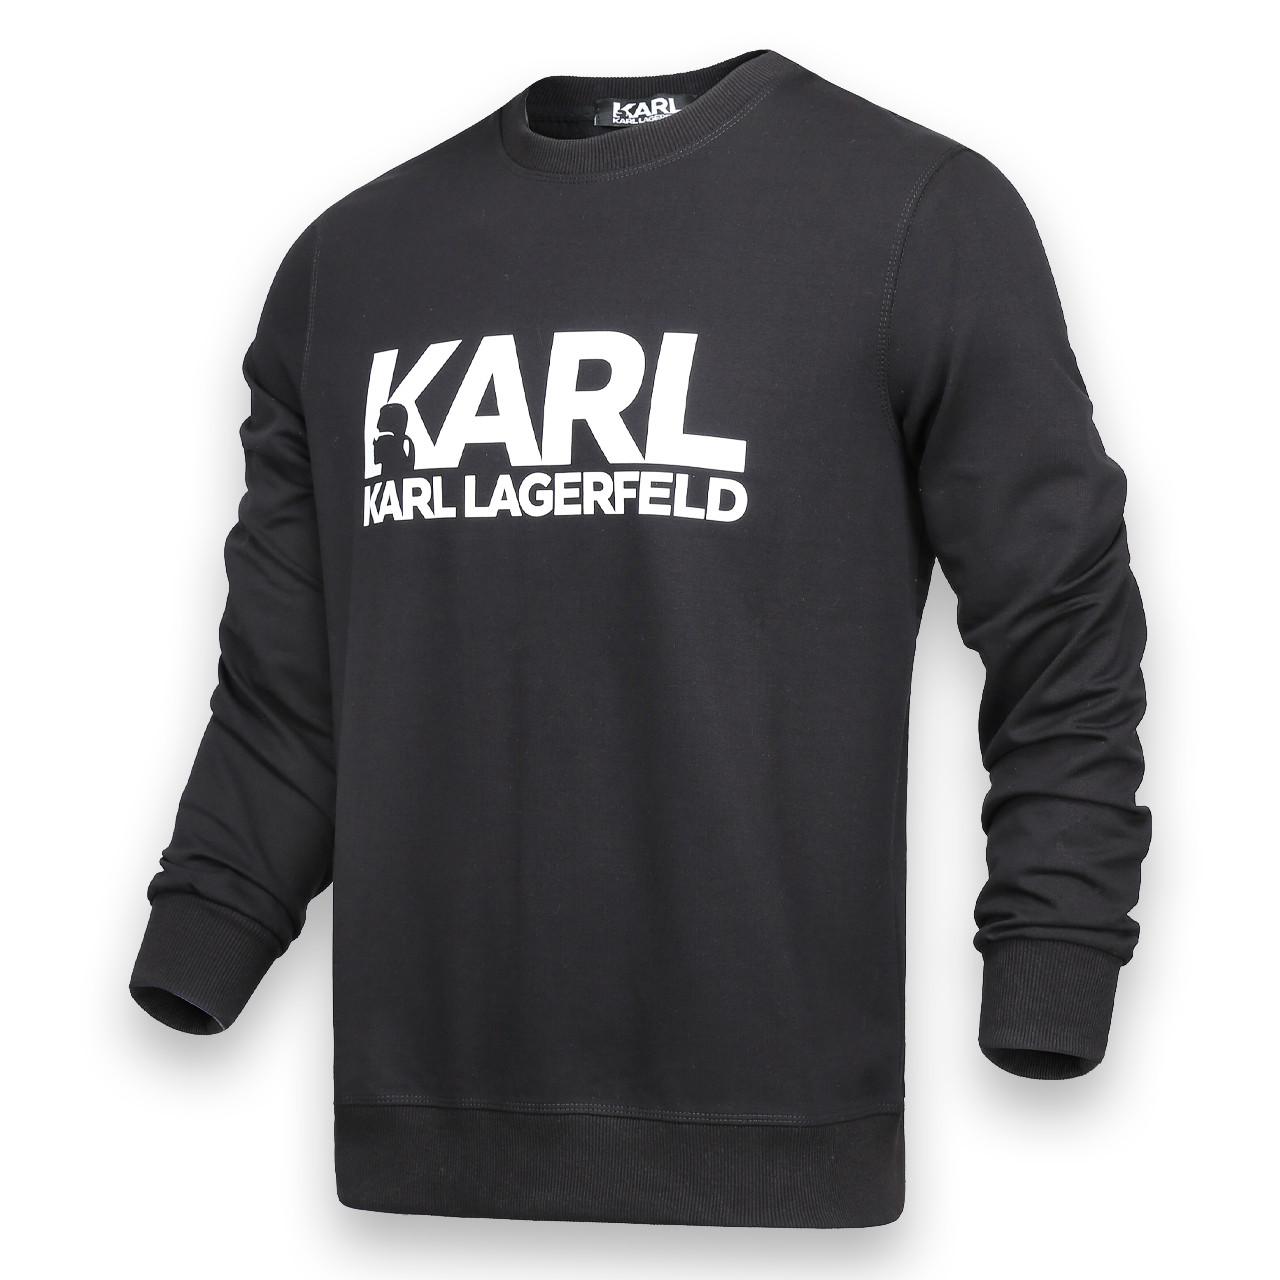 Свитшот мужской черный с принтом KARL LAGERFELD №1 BLK L(Р) 21-201-002